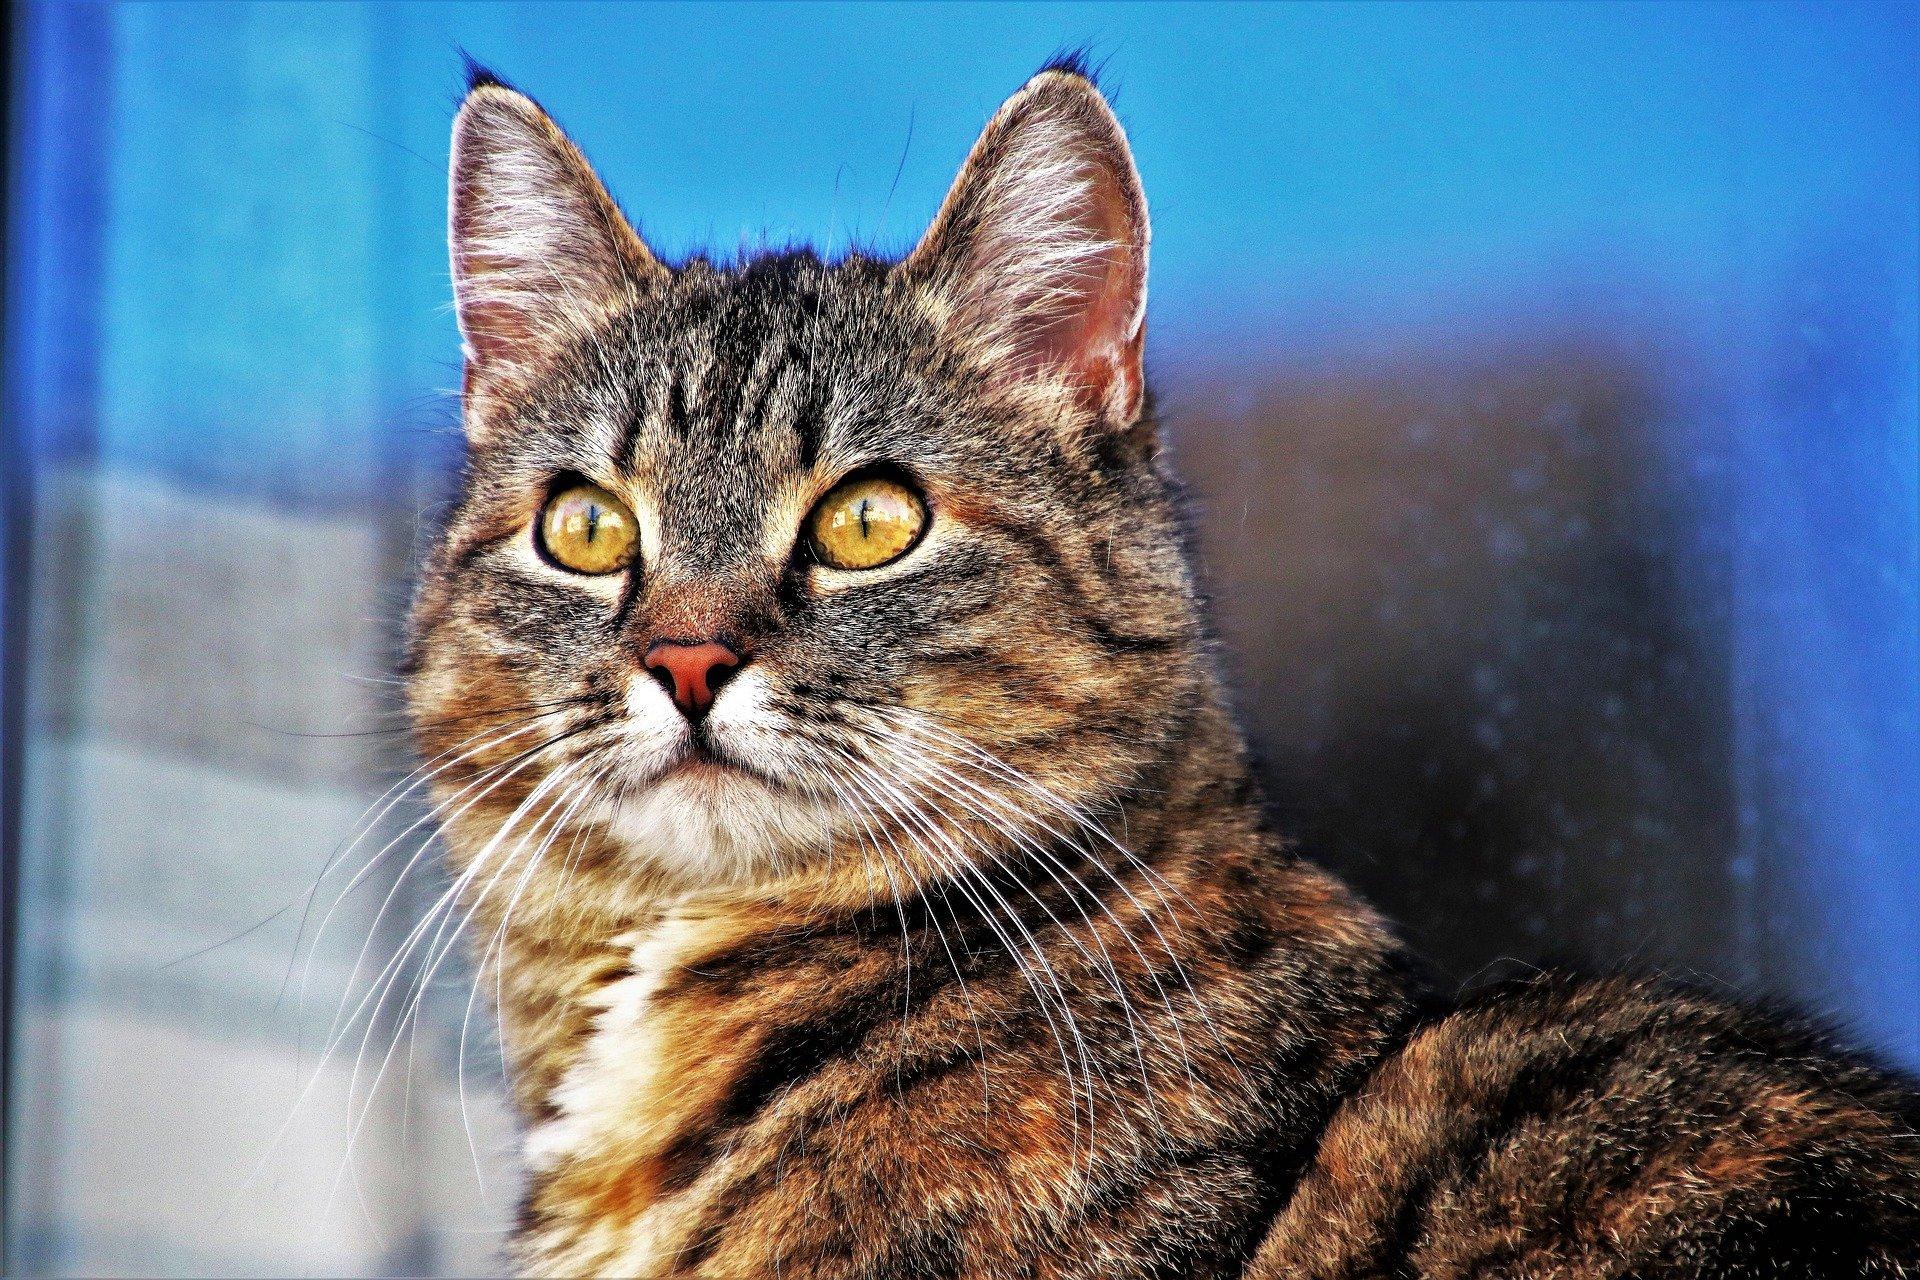 Plaid Anti Poil De Chat la teigne du chat ▻ comment la reconnaître ? la soigner et